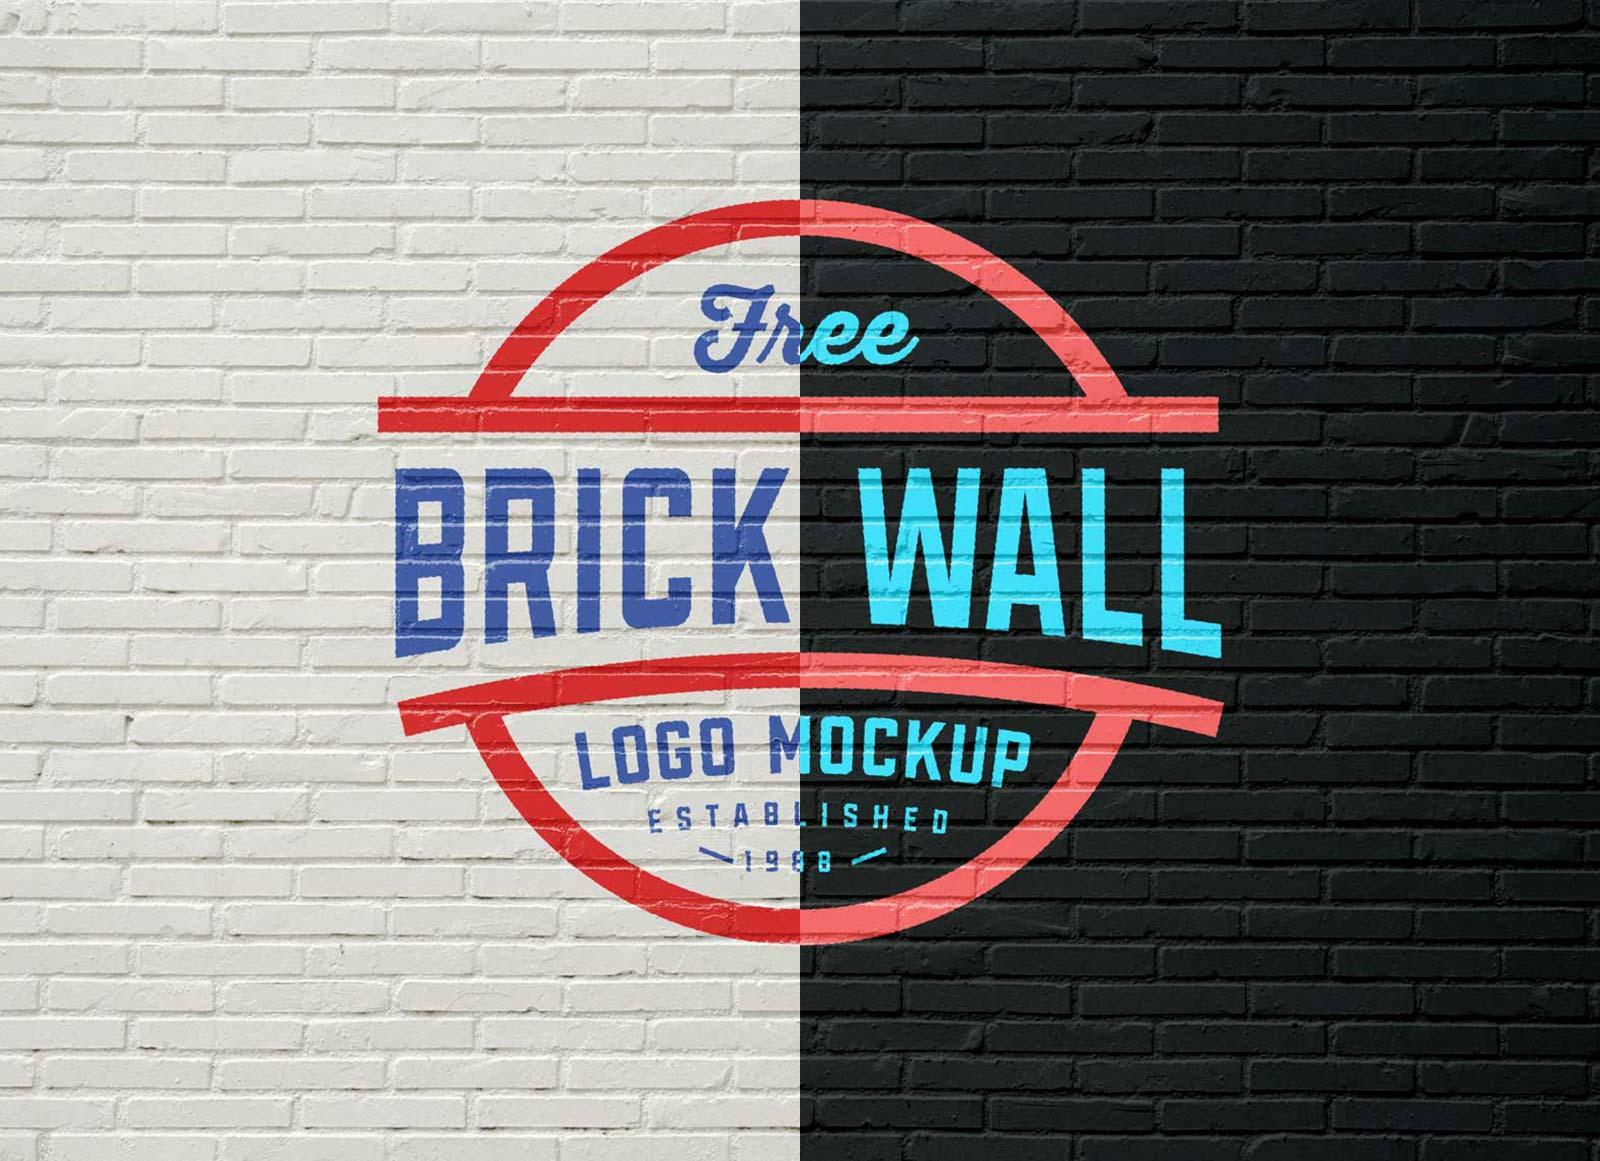 Free Brick Wall Logo Mockup Psd Good Mockups